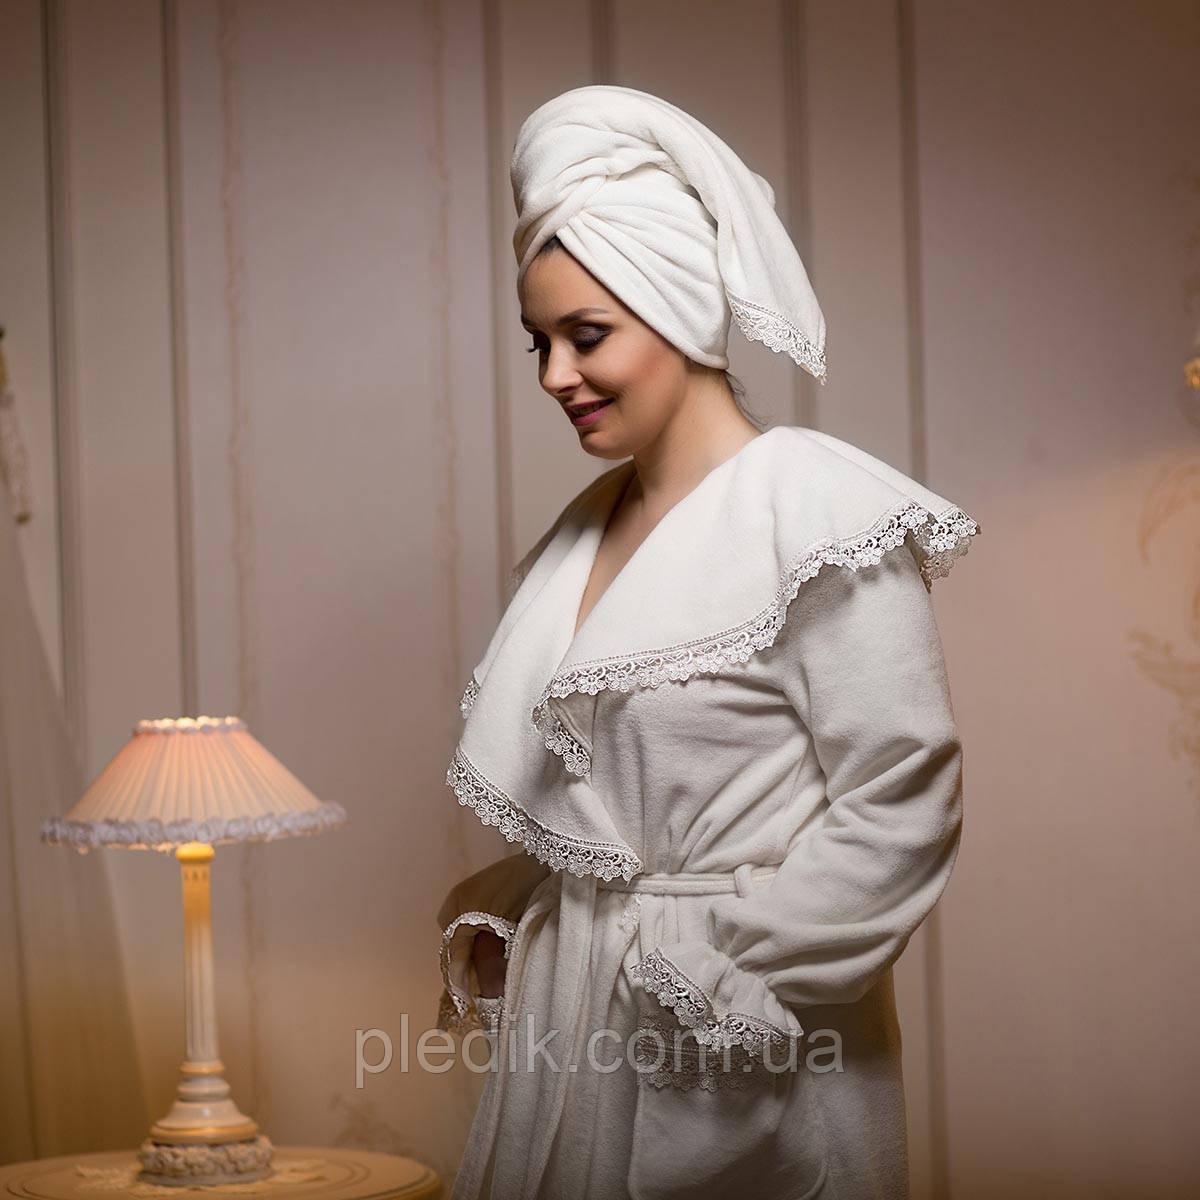 Махровый халат женский с рюшами IZOLDA кремовый XL. Все размеры.